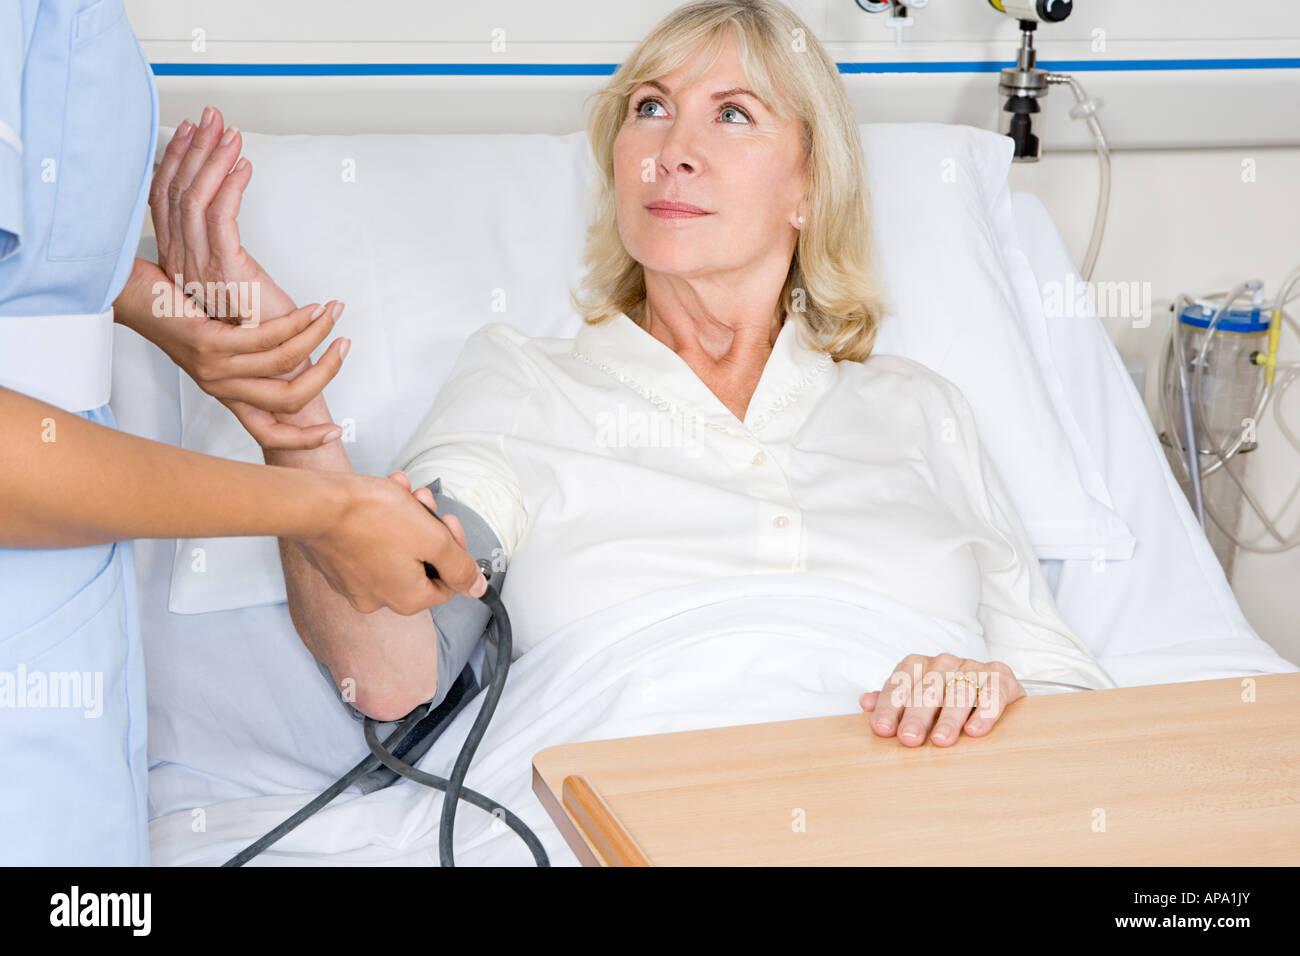 Woman having her blood pressure taken - Stock Image